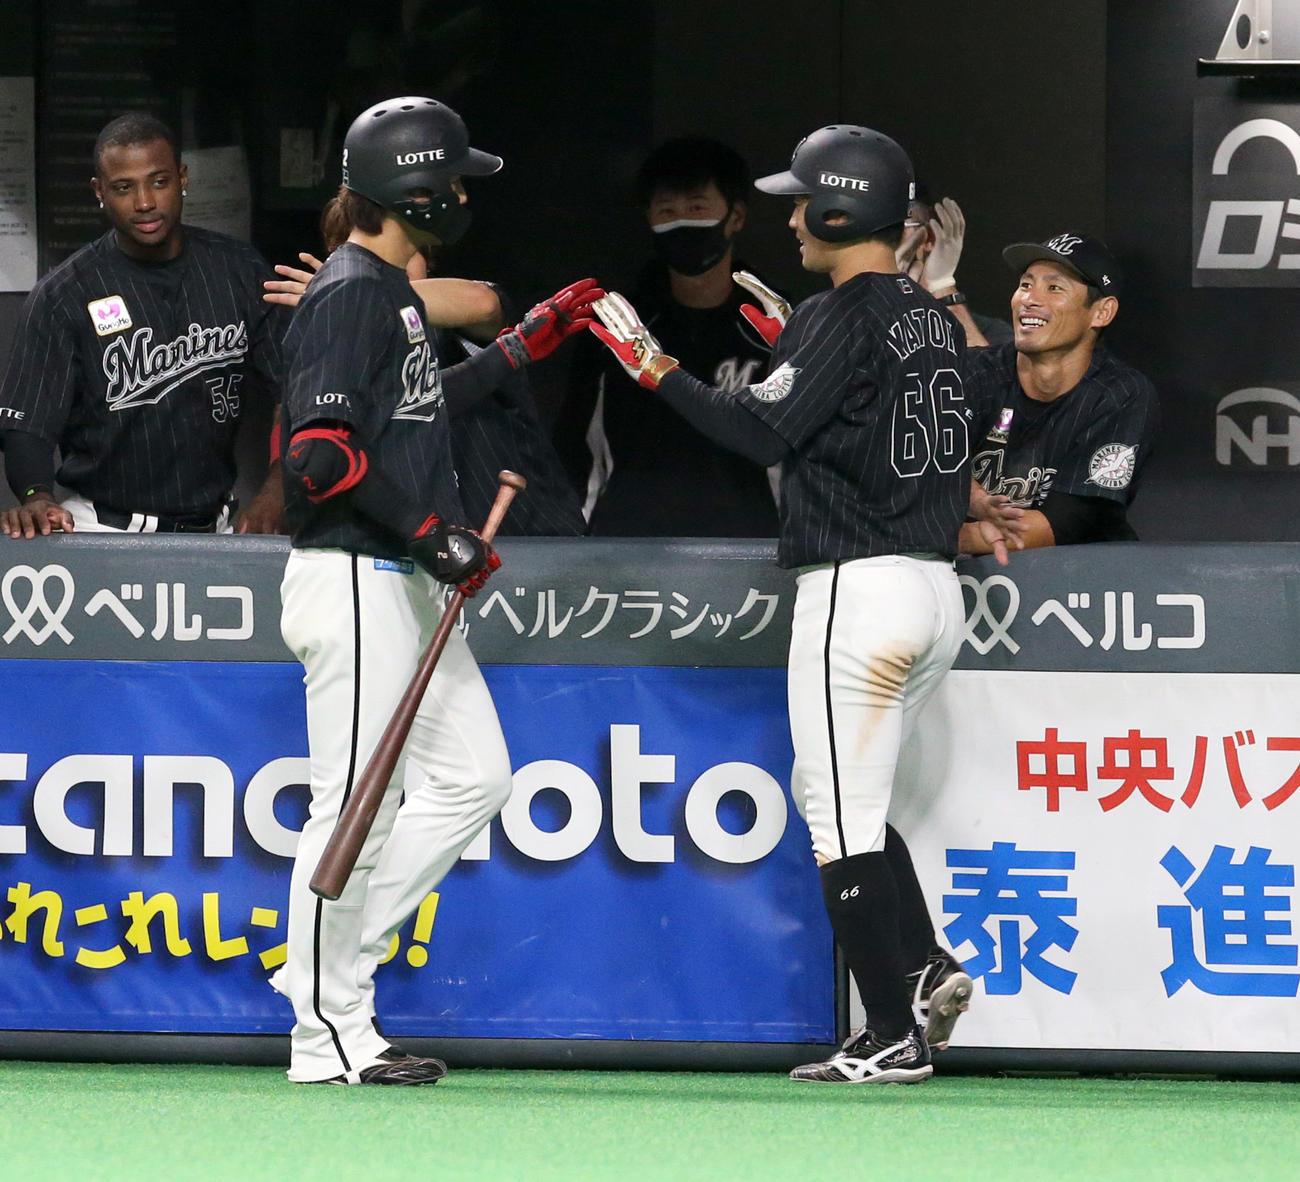 6回表ロッテ1死三塁、藤原(左手前)は右犠飛で生還した加藤とタッチを交わす(撮影・佐藤翔太)